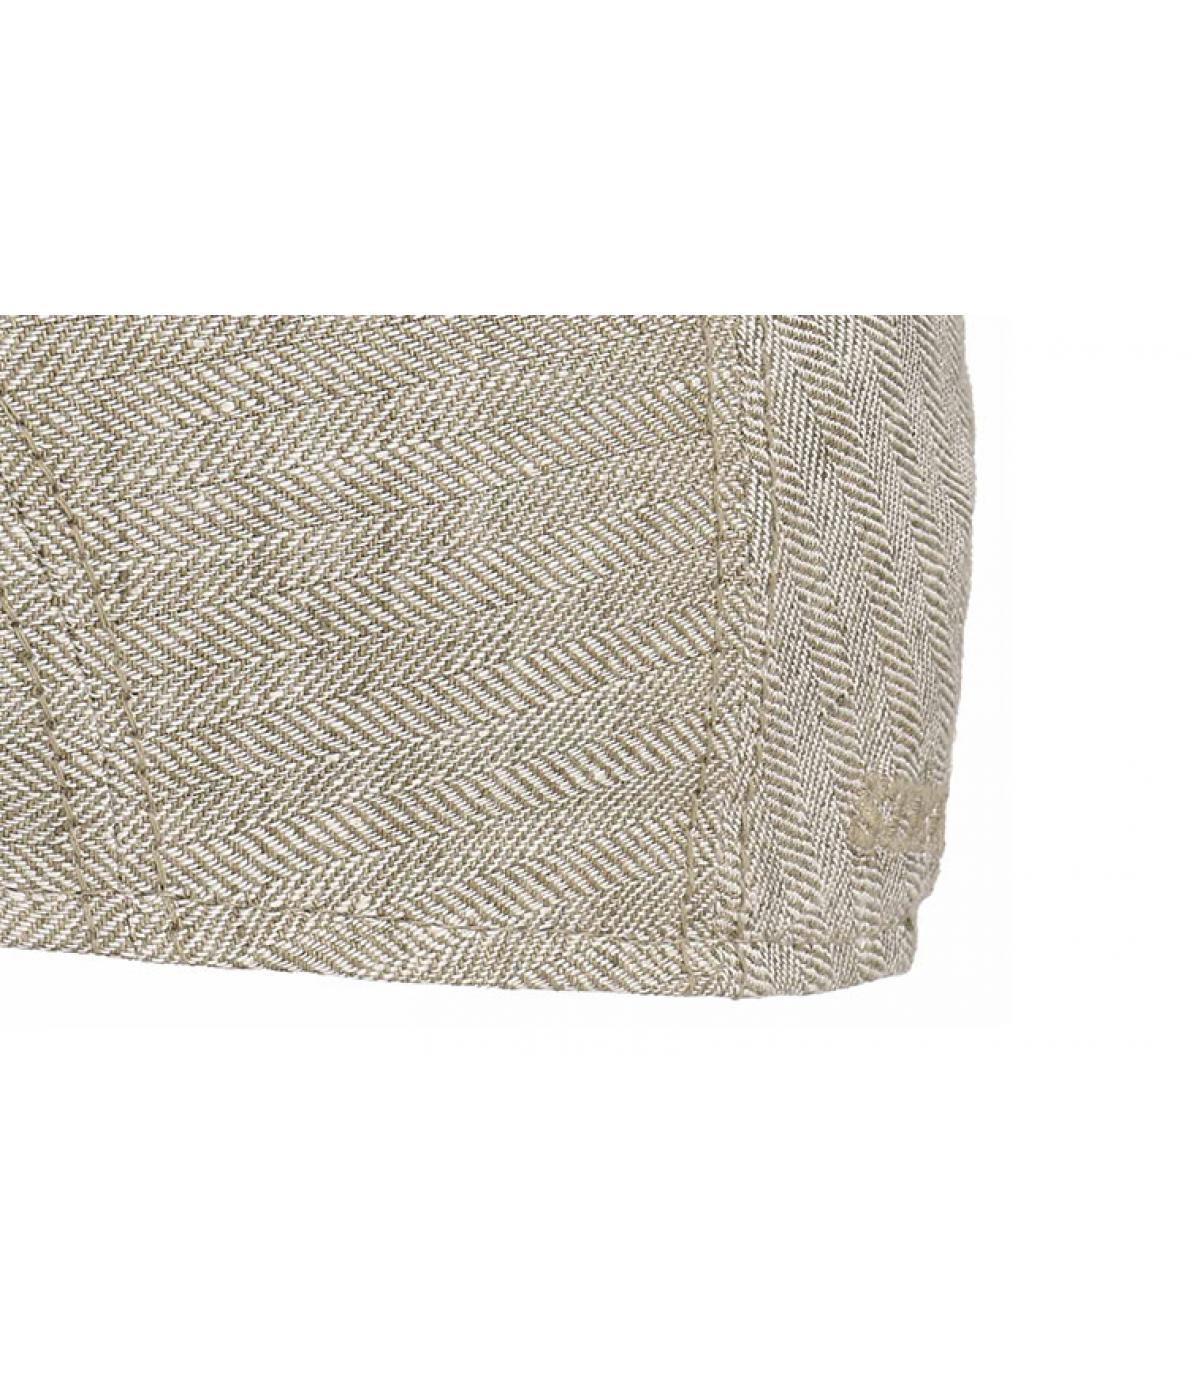 Détails Ivy cap lin beige - image 3